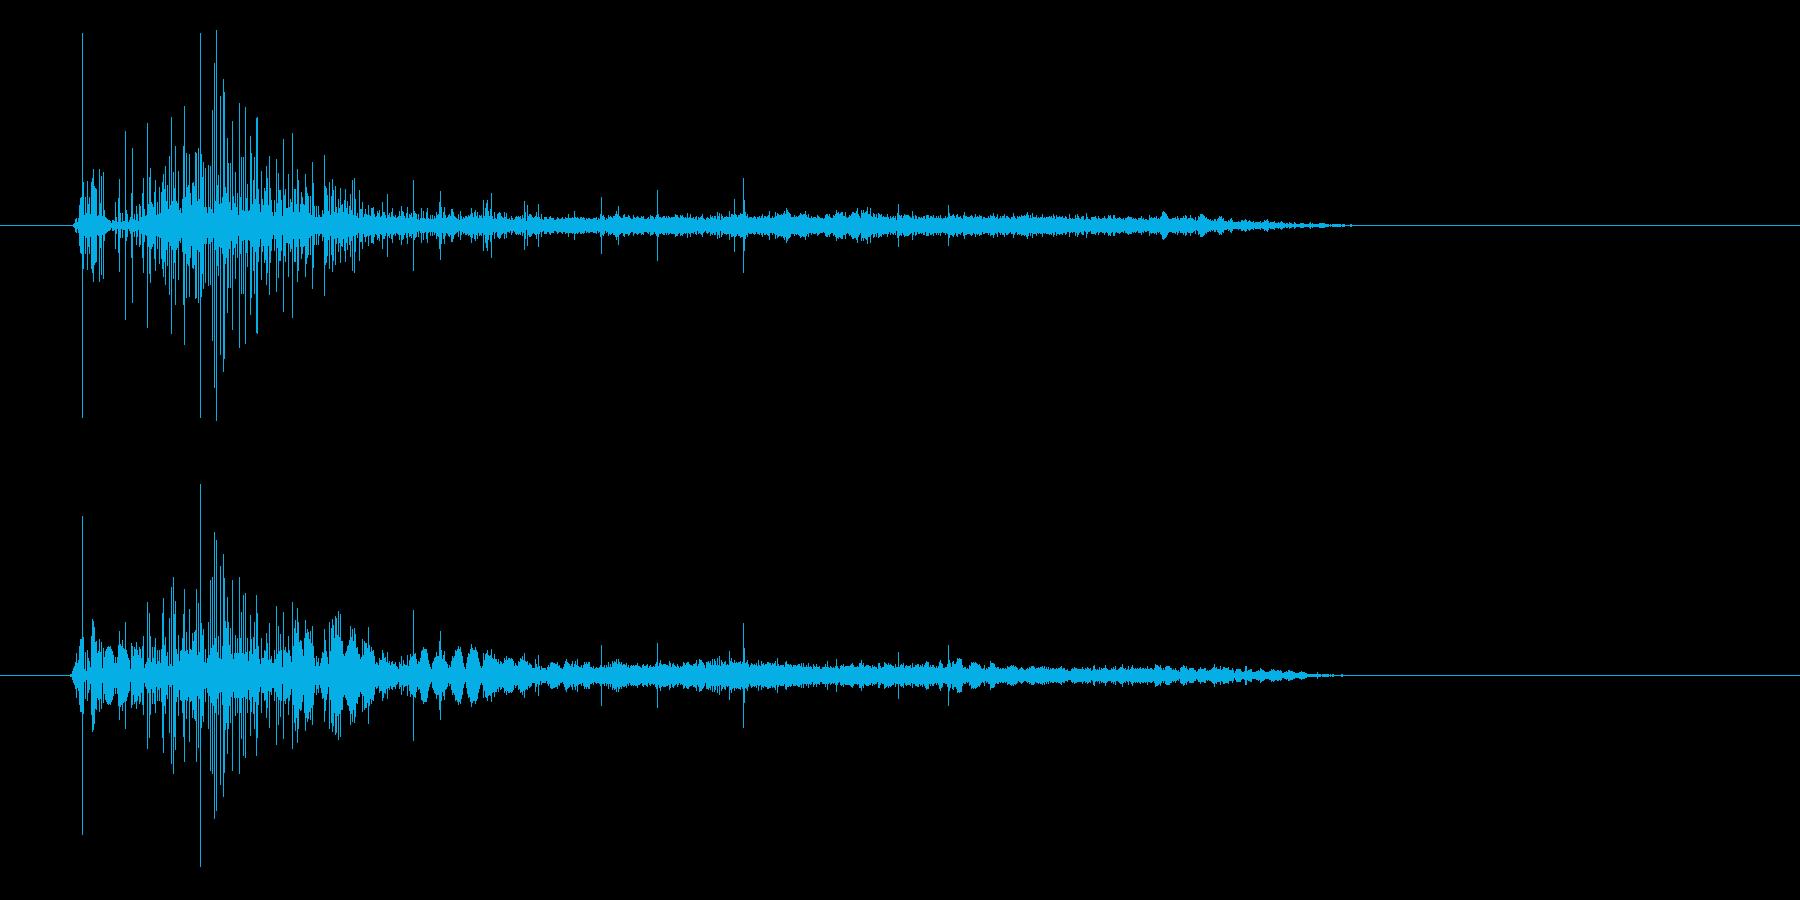 ビールや炭酸飲料をコップに注ぐ音の再生済みの波形